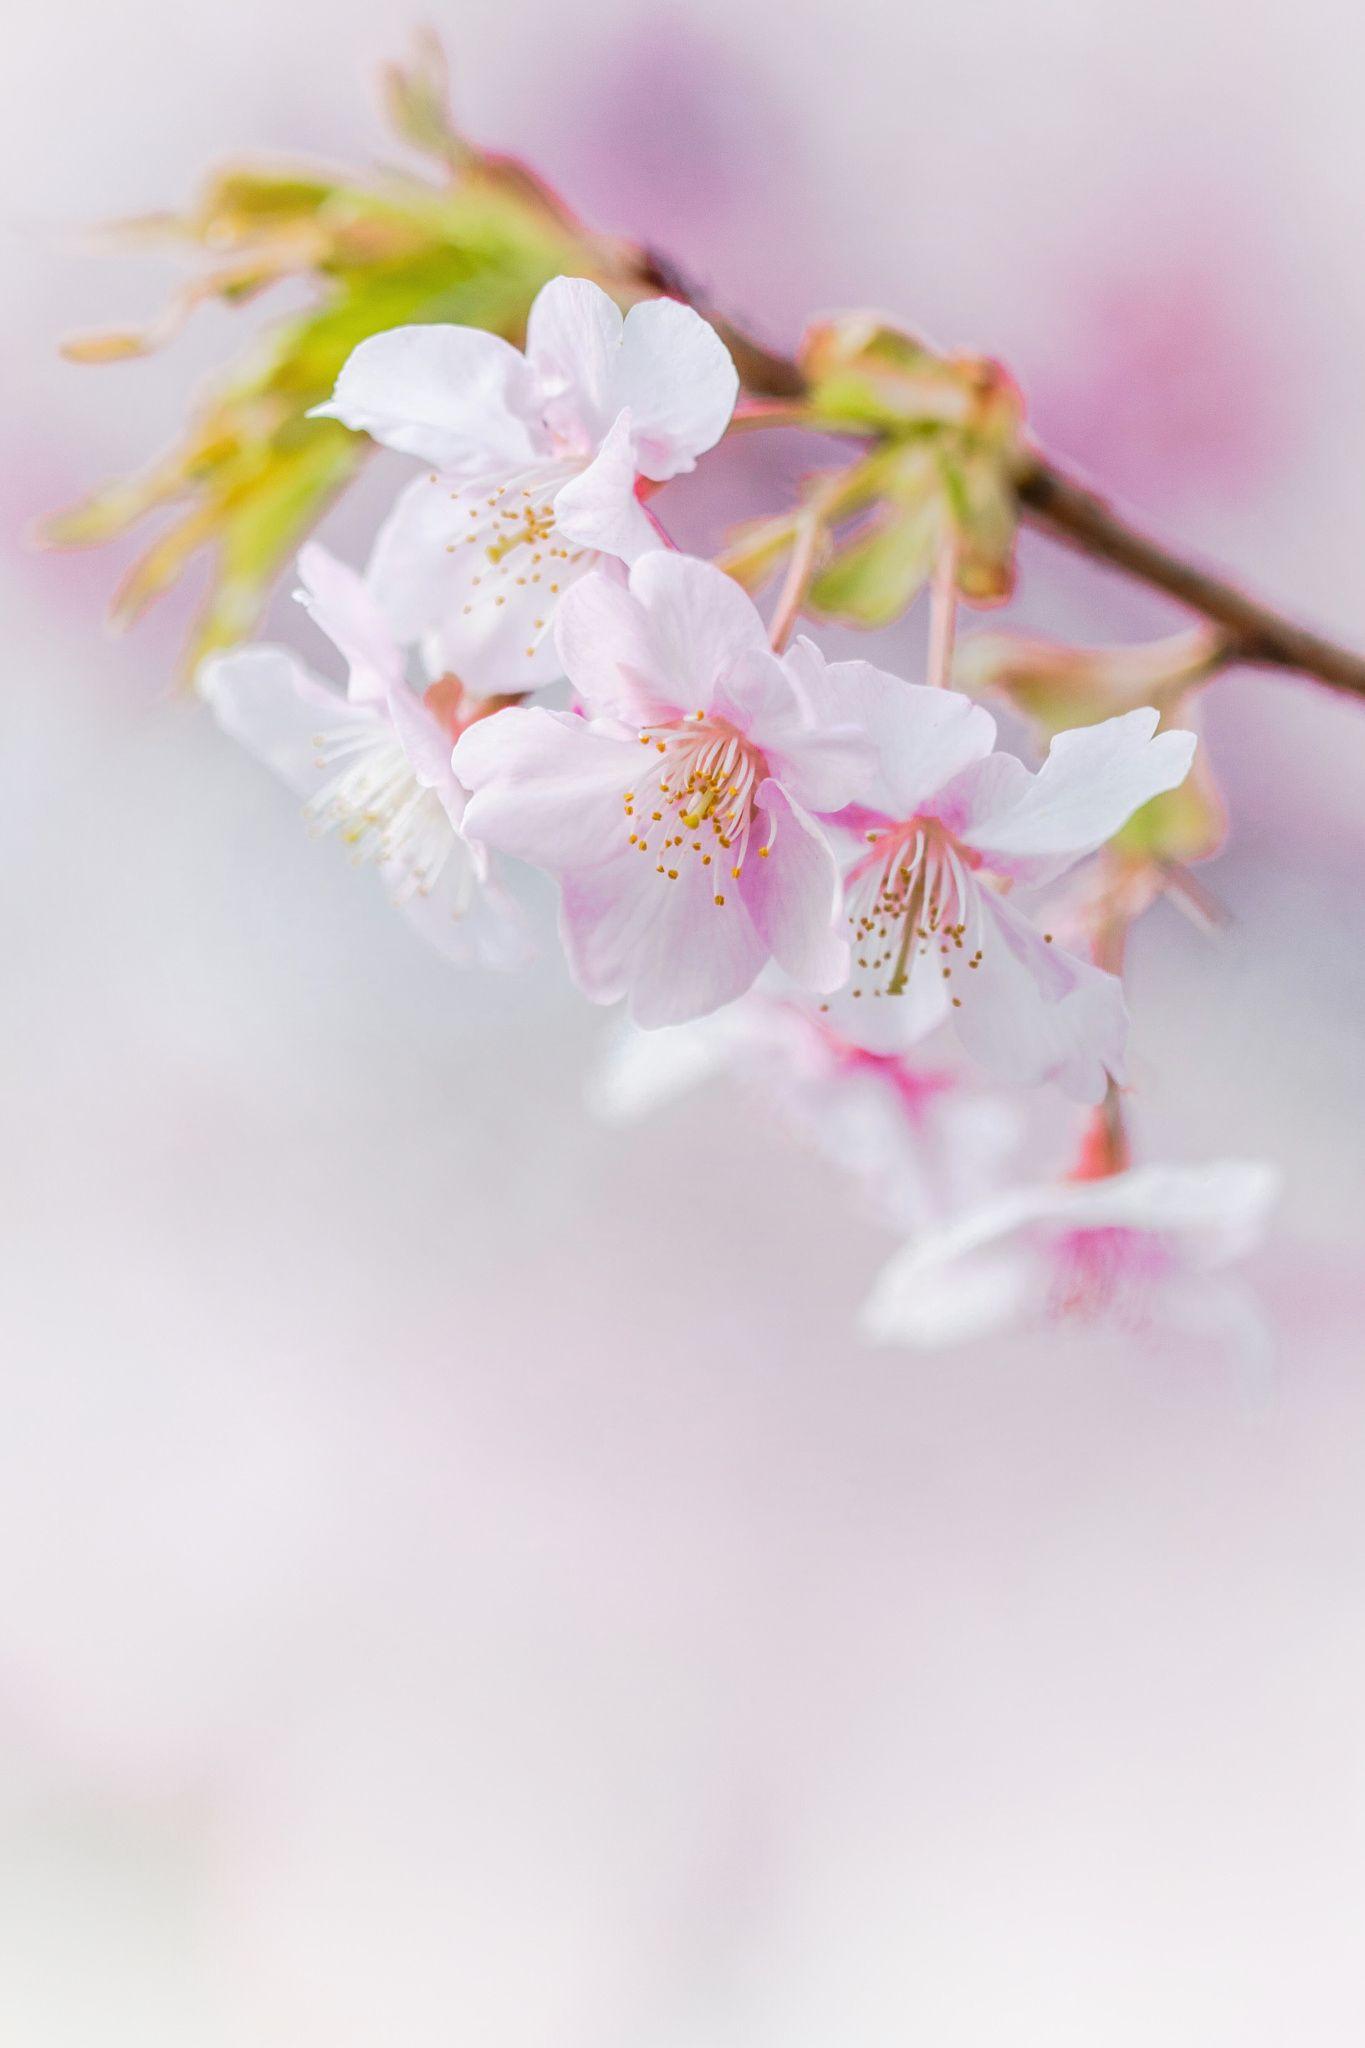 Cherry Blossom  Taken At Berrick Hall In Yokohama, Japan